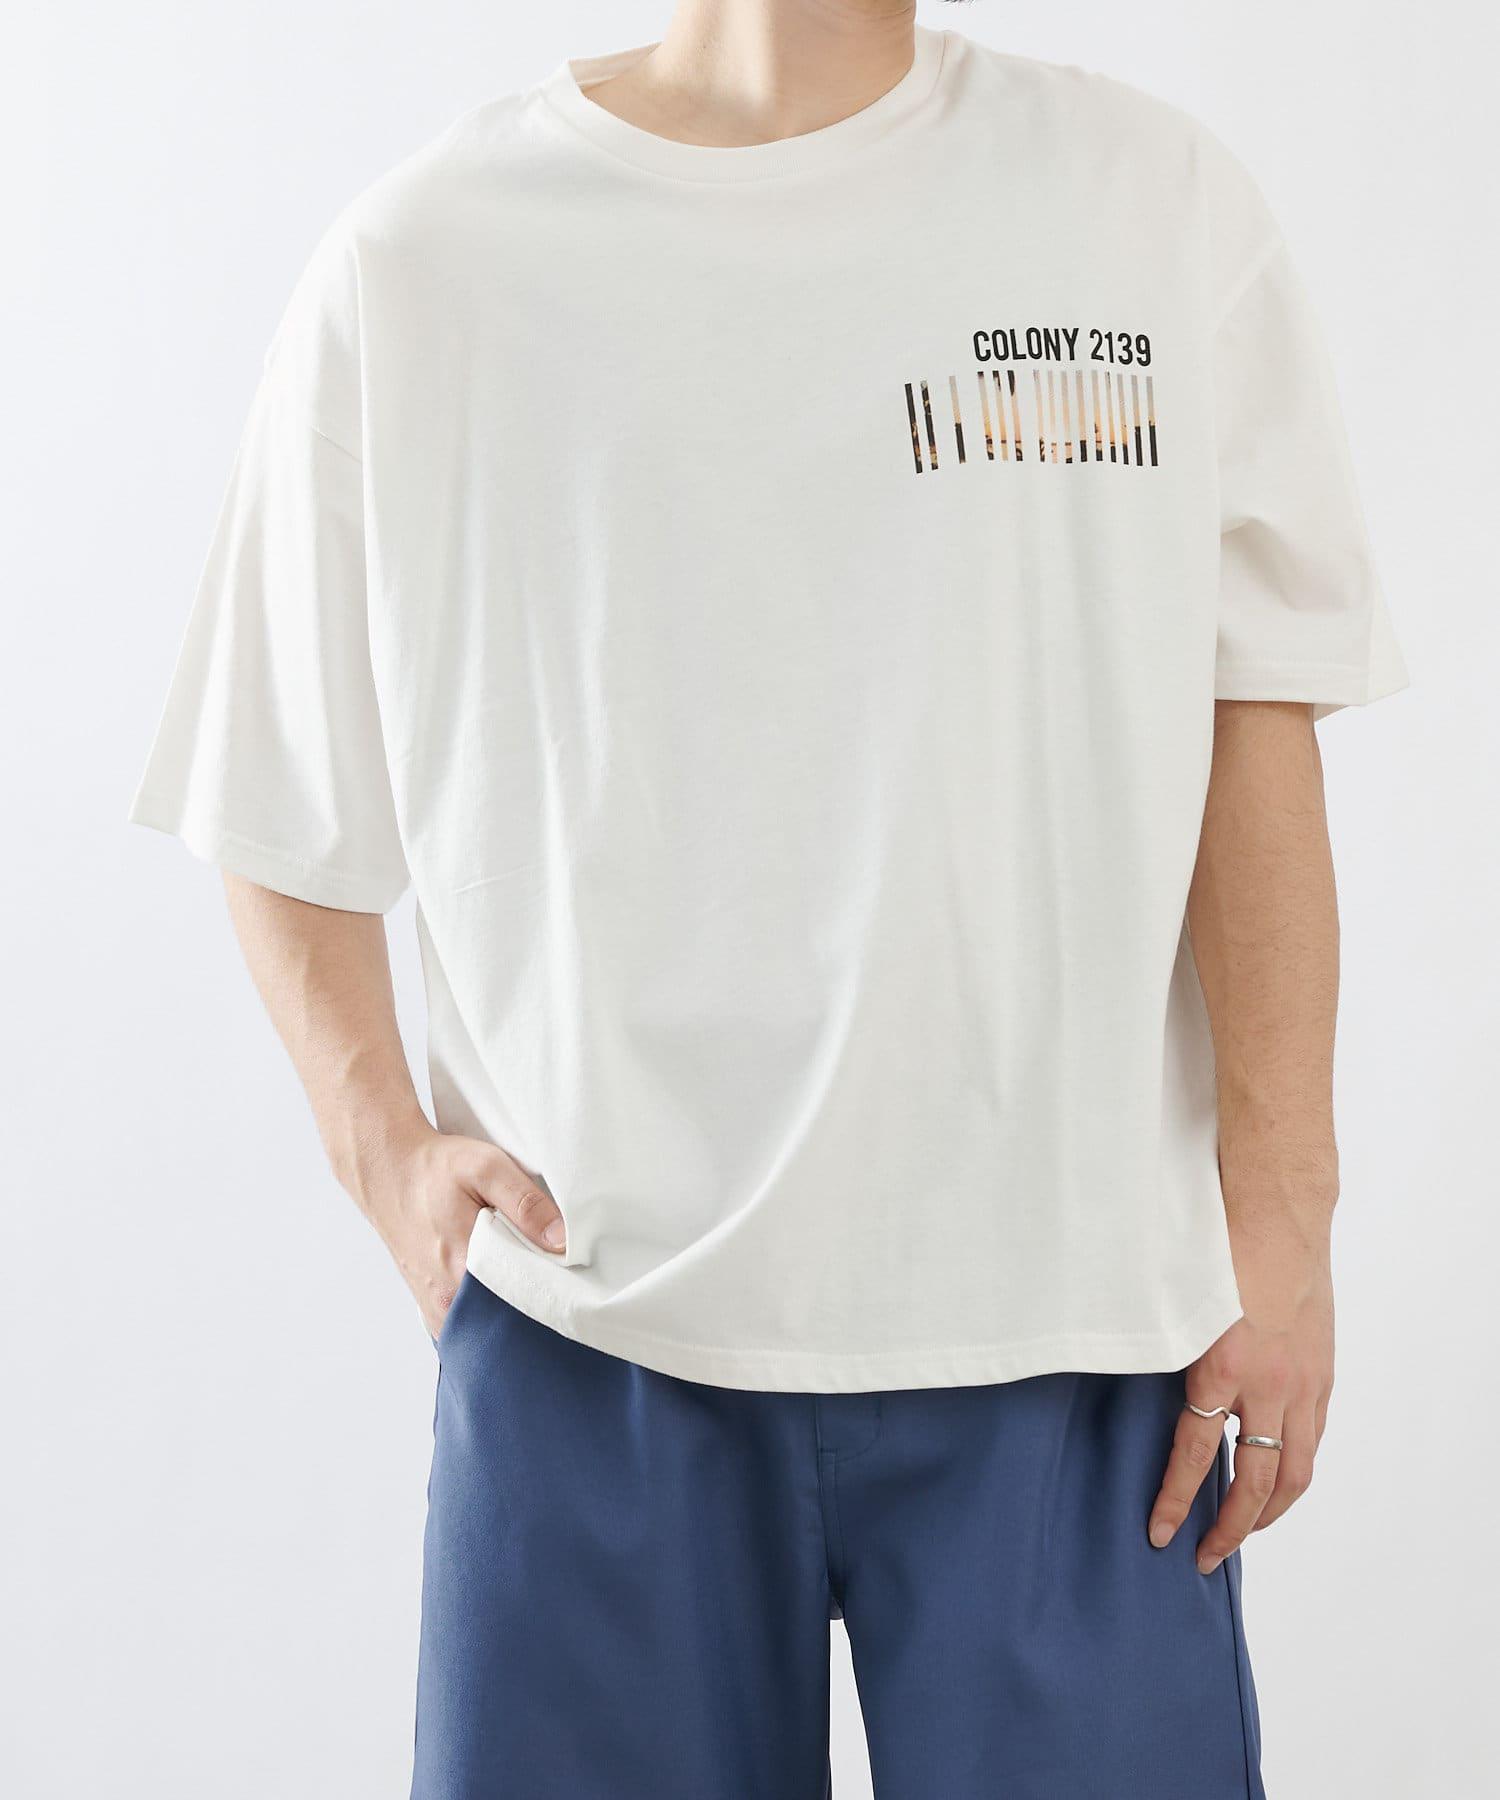 COLONY 2139(コロニー トゥーワンスリーナイン) 2139 Tシャツ/PHOTO Tシャツ(ユニセックス可)